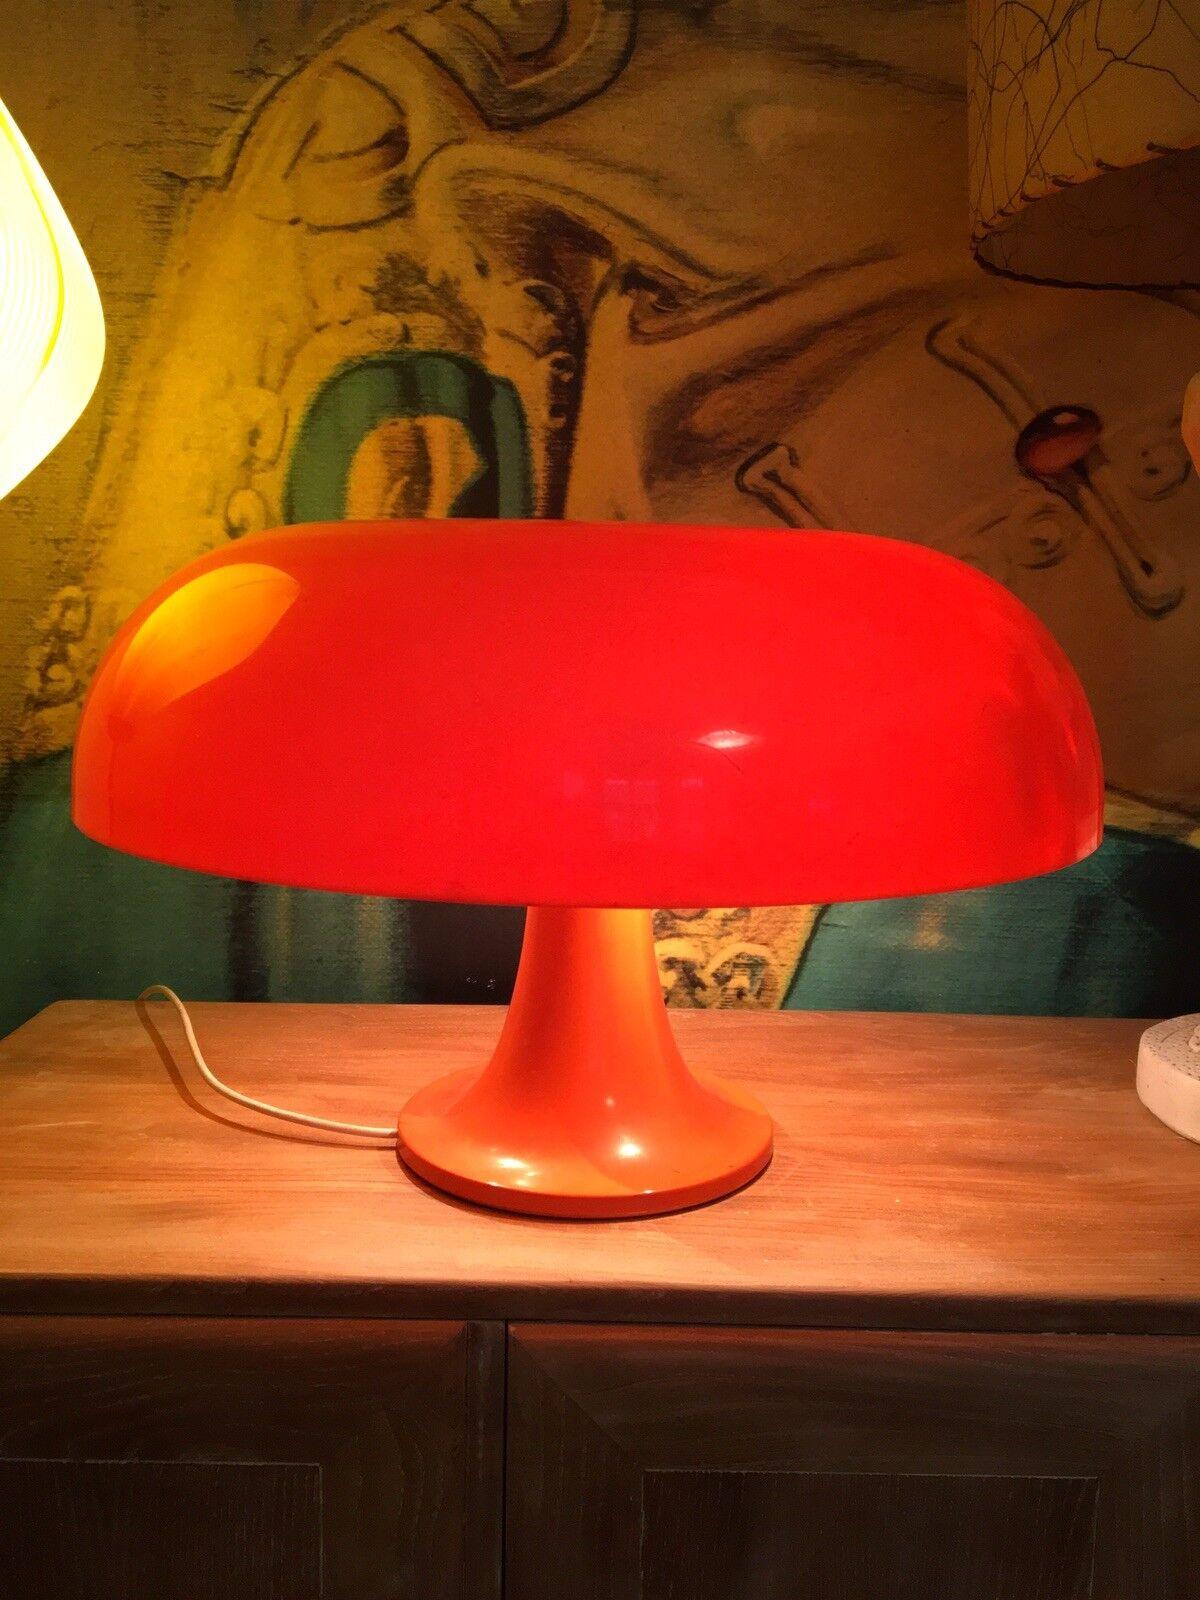 Artemide-Nessino-GIANCARLO MATTIOLI-Lampada da tavolo ORIGINALE